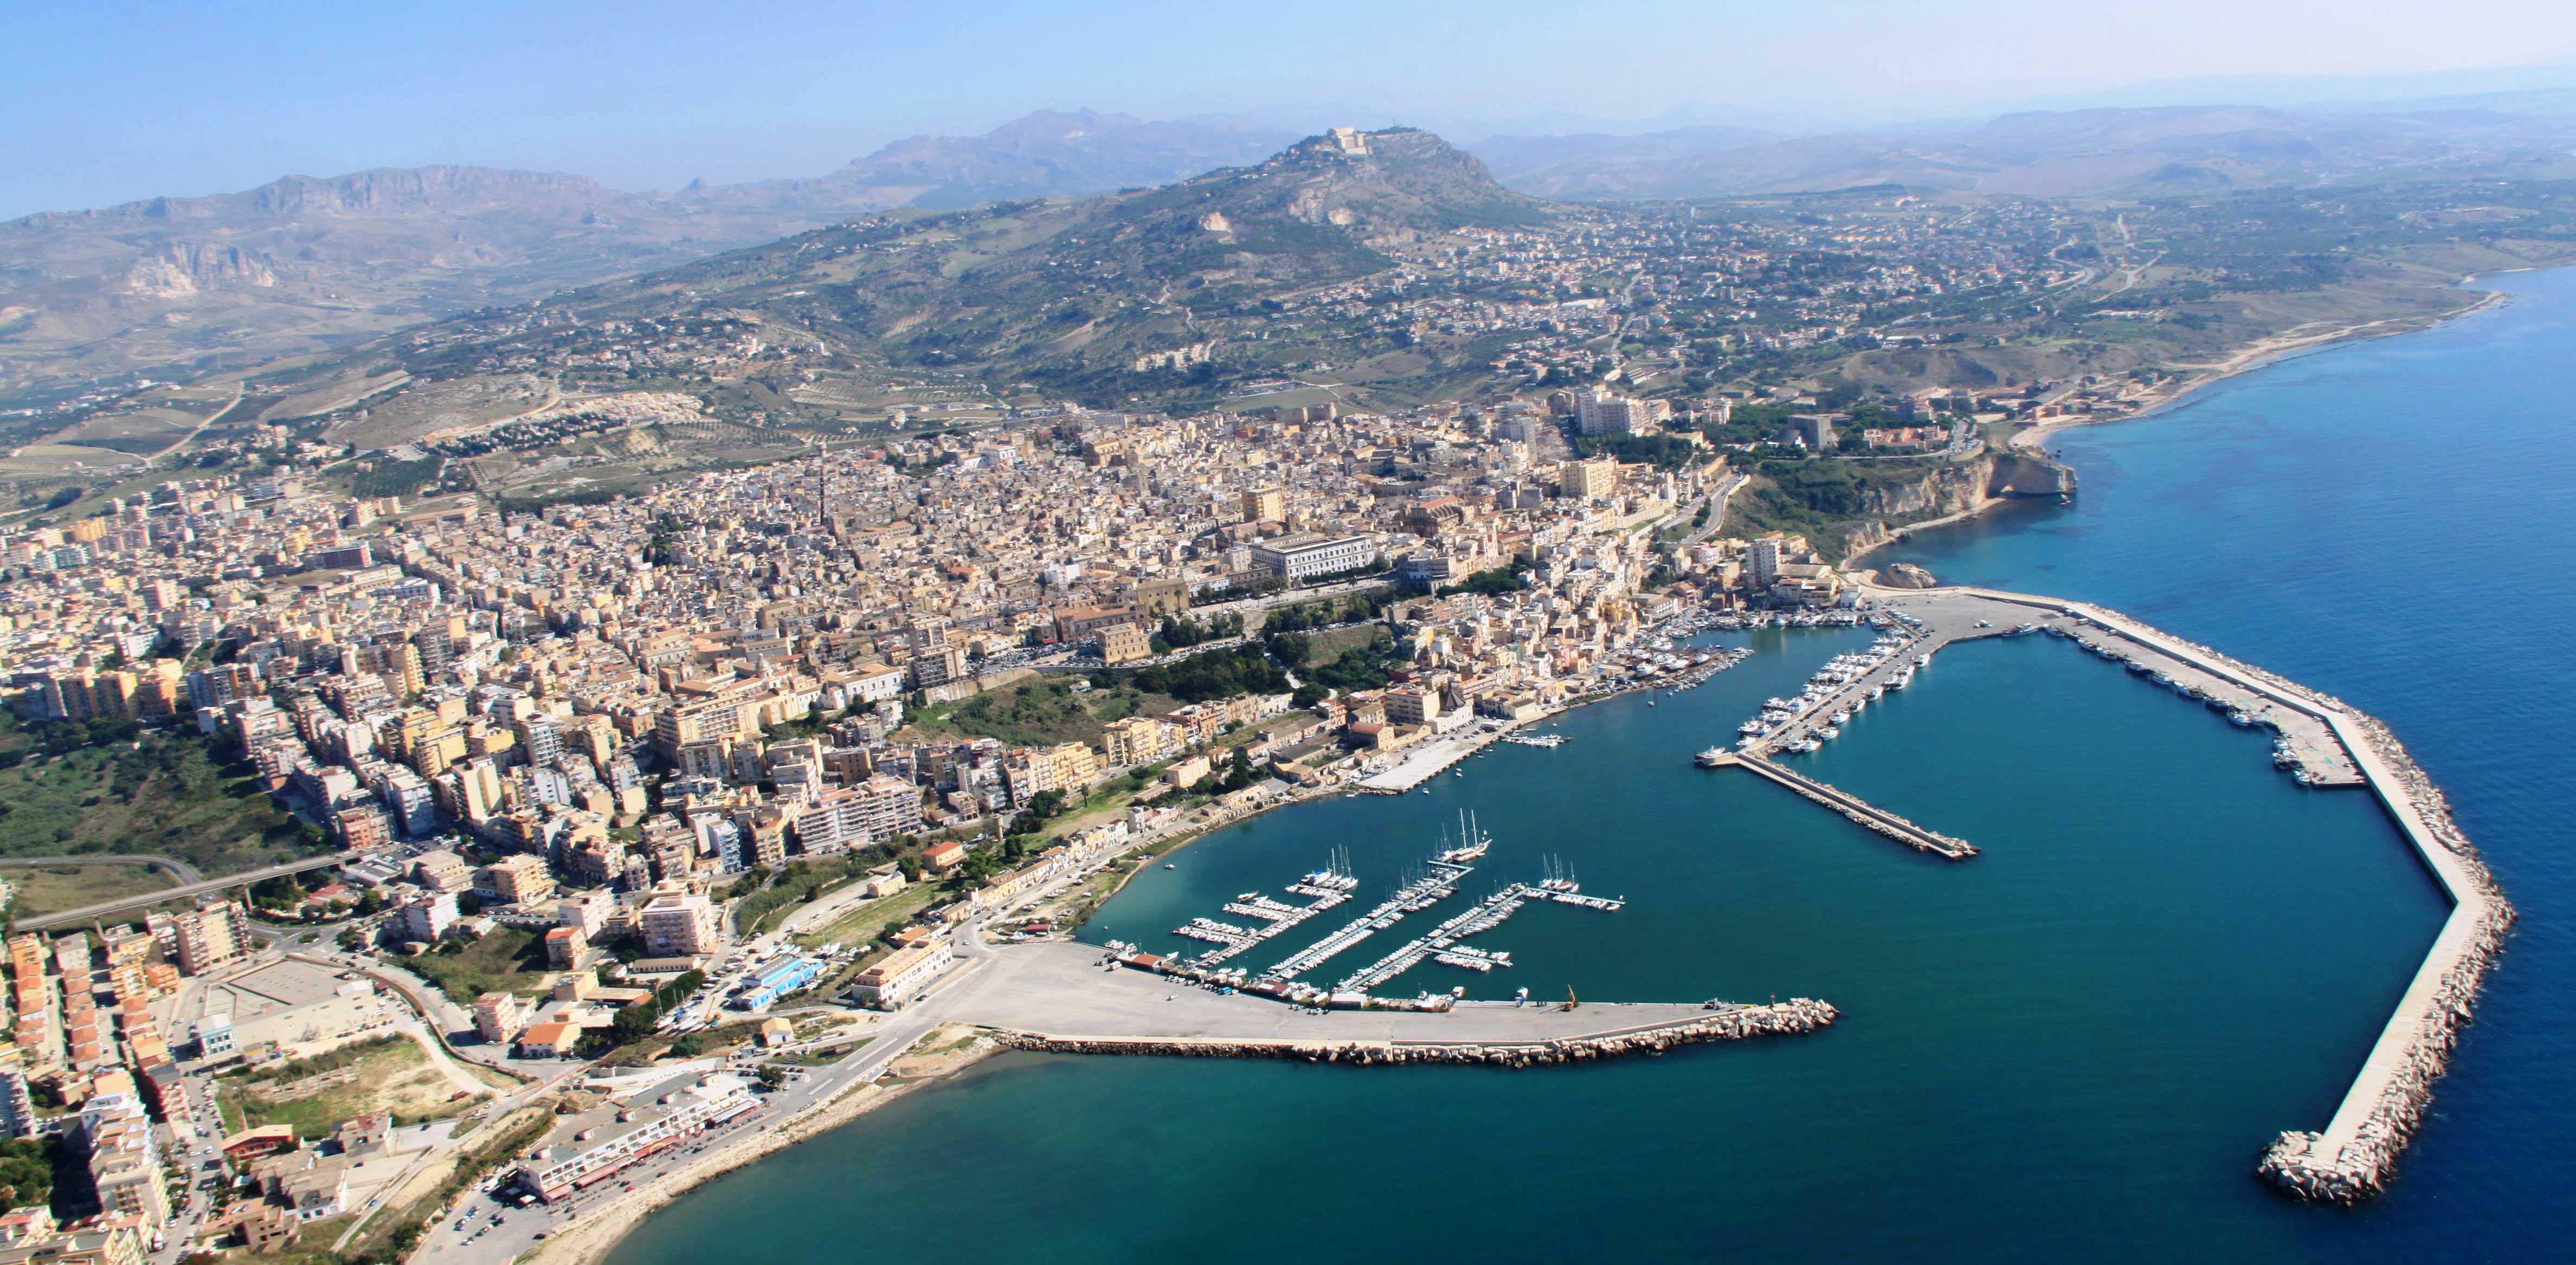 Tassa di soggiorno a Sciacca, rincaro da record - Giornale di Sicilia